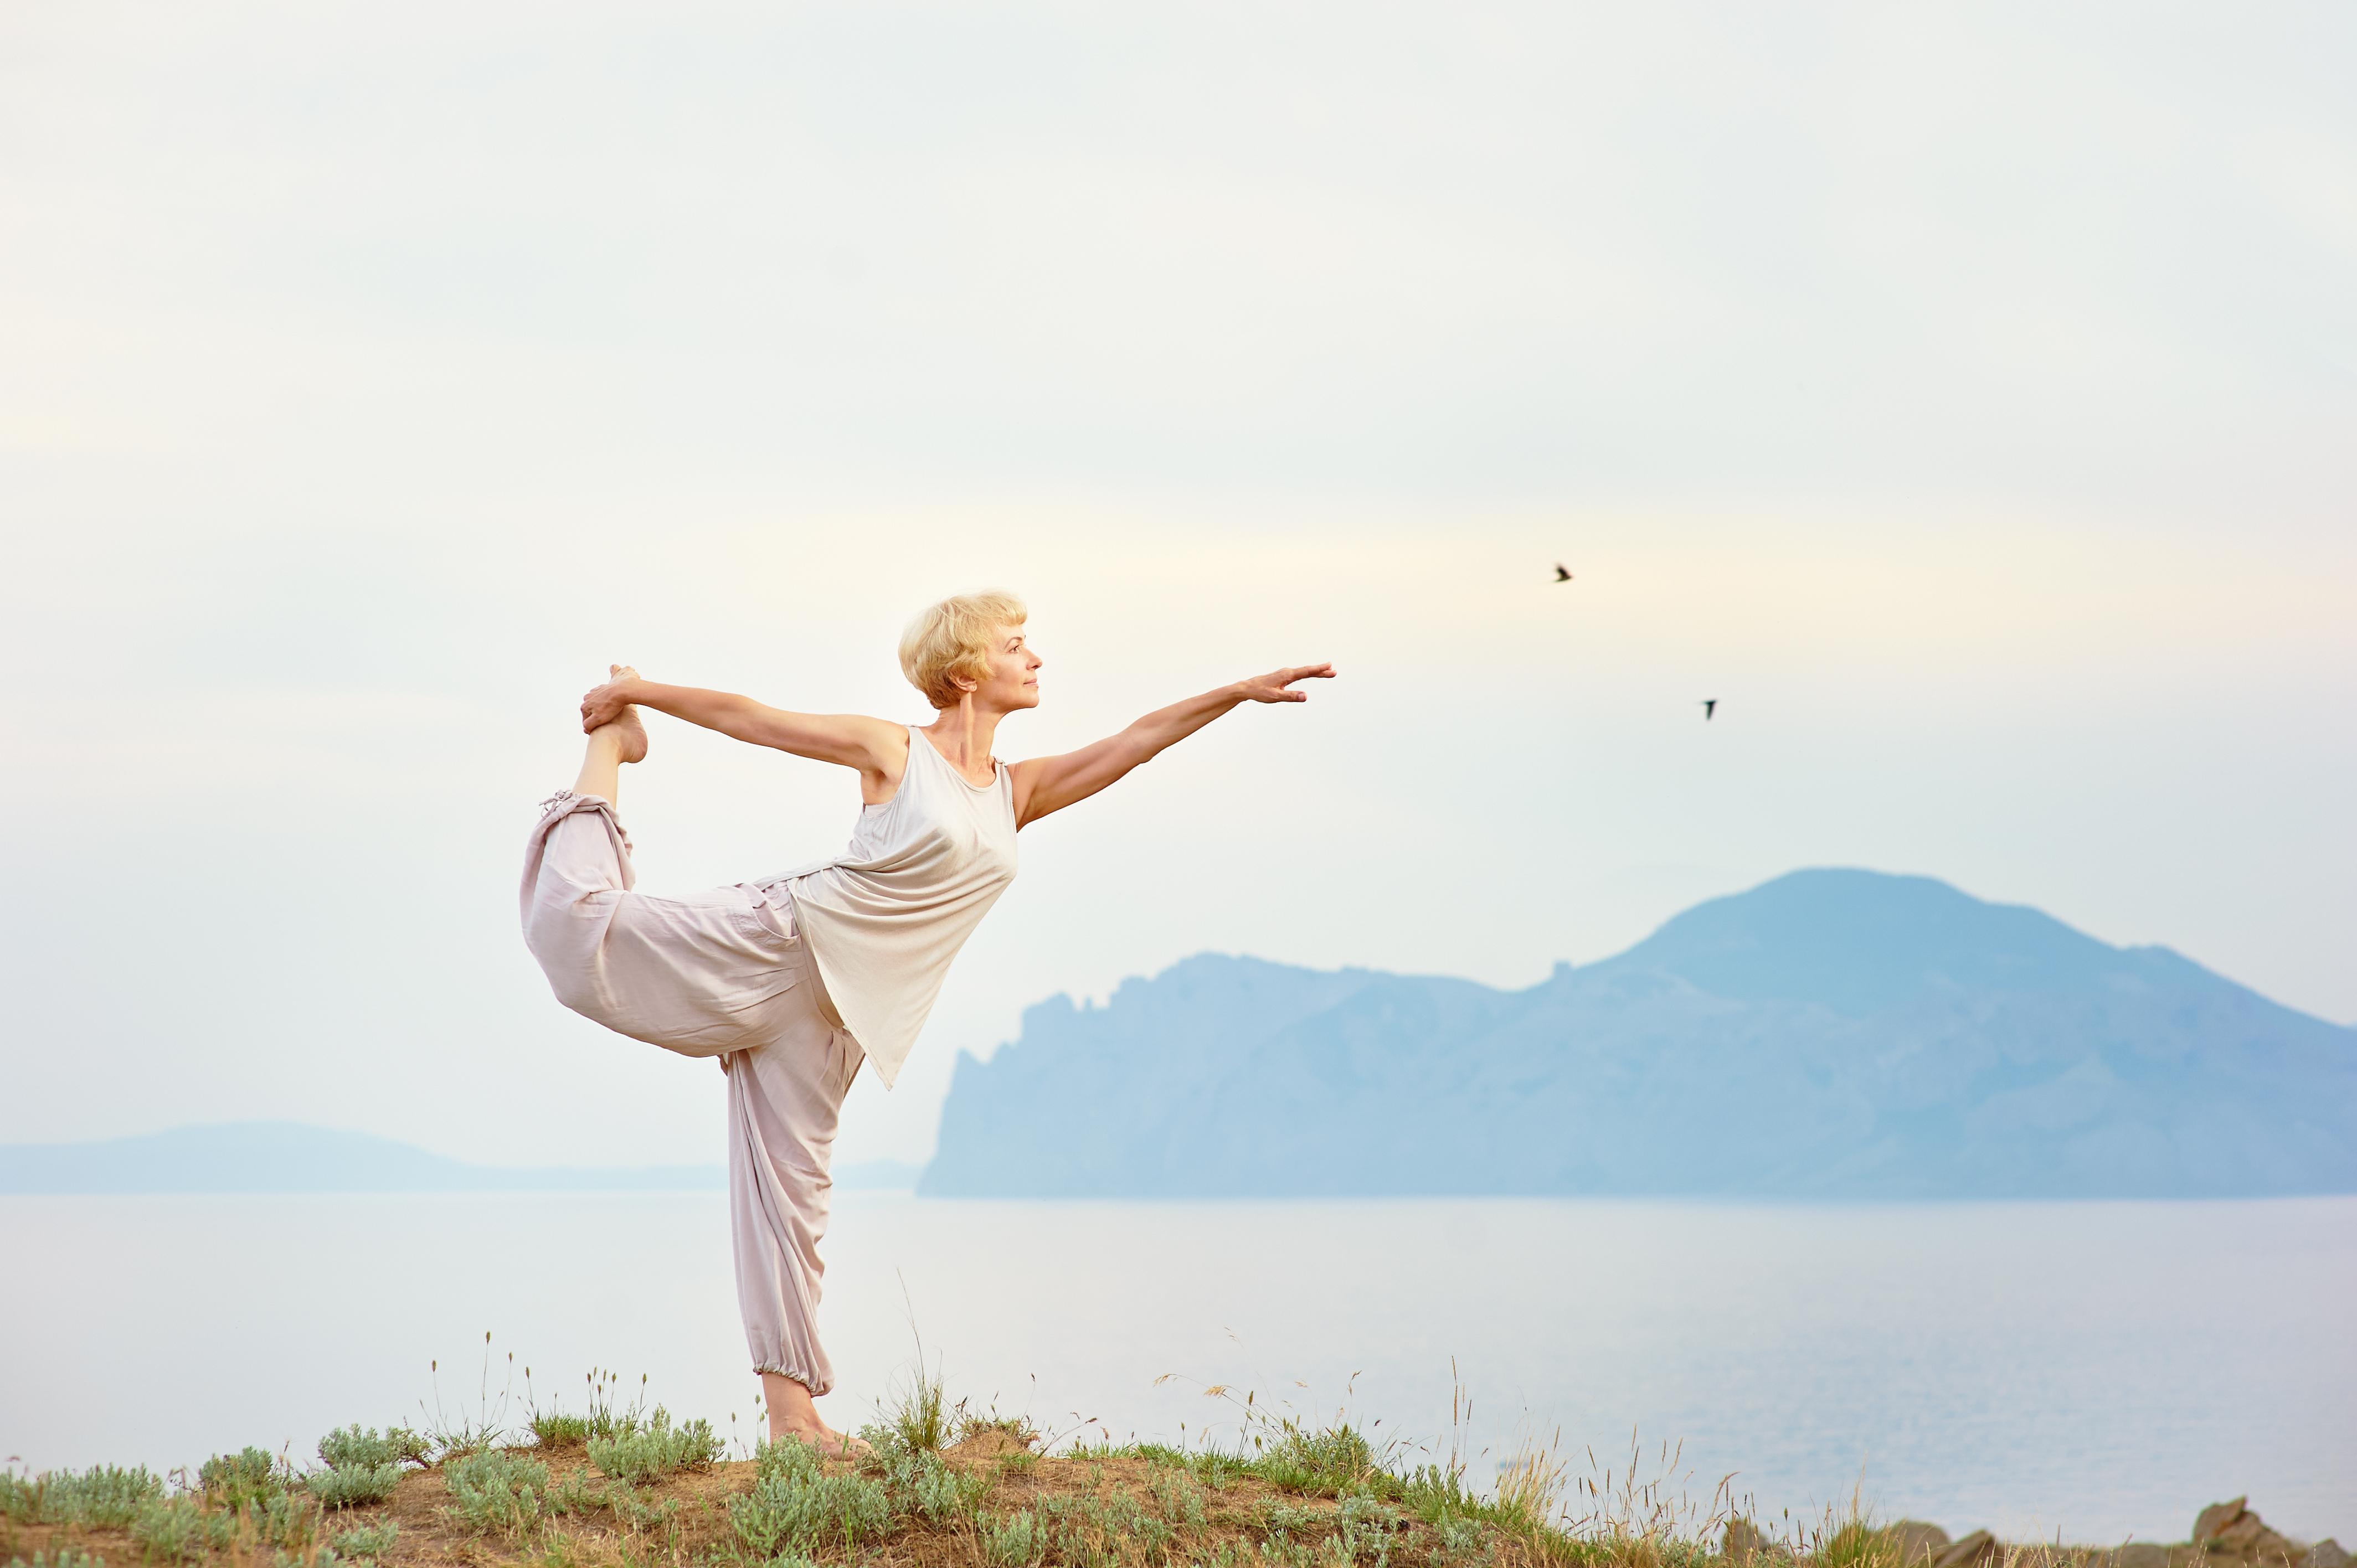 Yoga skulle kunna hjälpa äldre att träna upp balansen och därmed förebygga risken för fallolyckor.